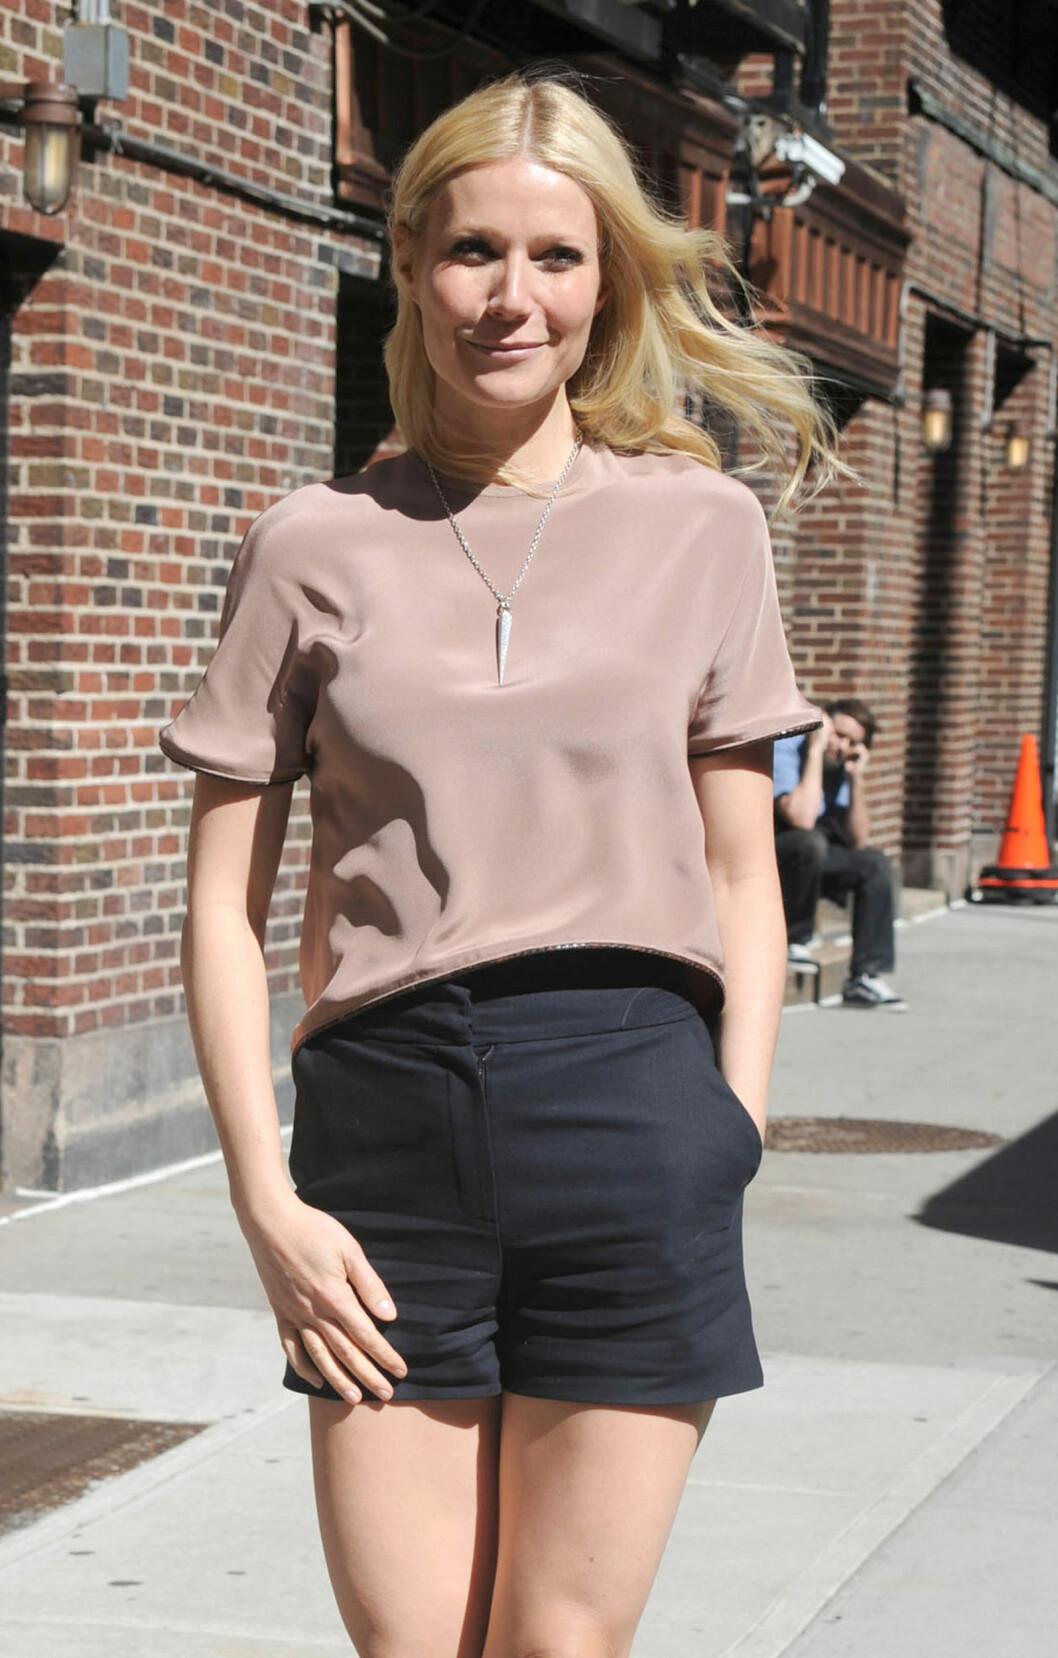 MOTSETNING: Martins ekskone, Gwyneth Paltrow, skal være den rake motsetningen av Lawrence. Foto: All Over Press